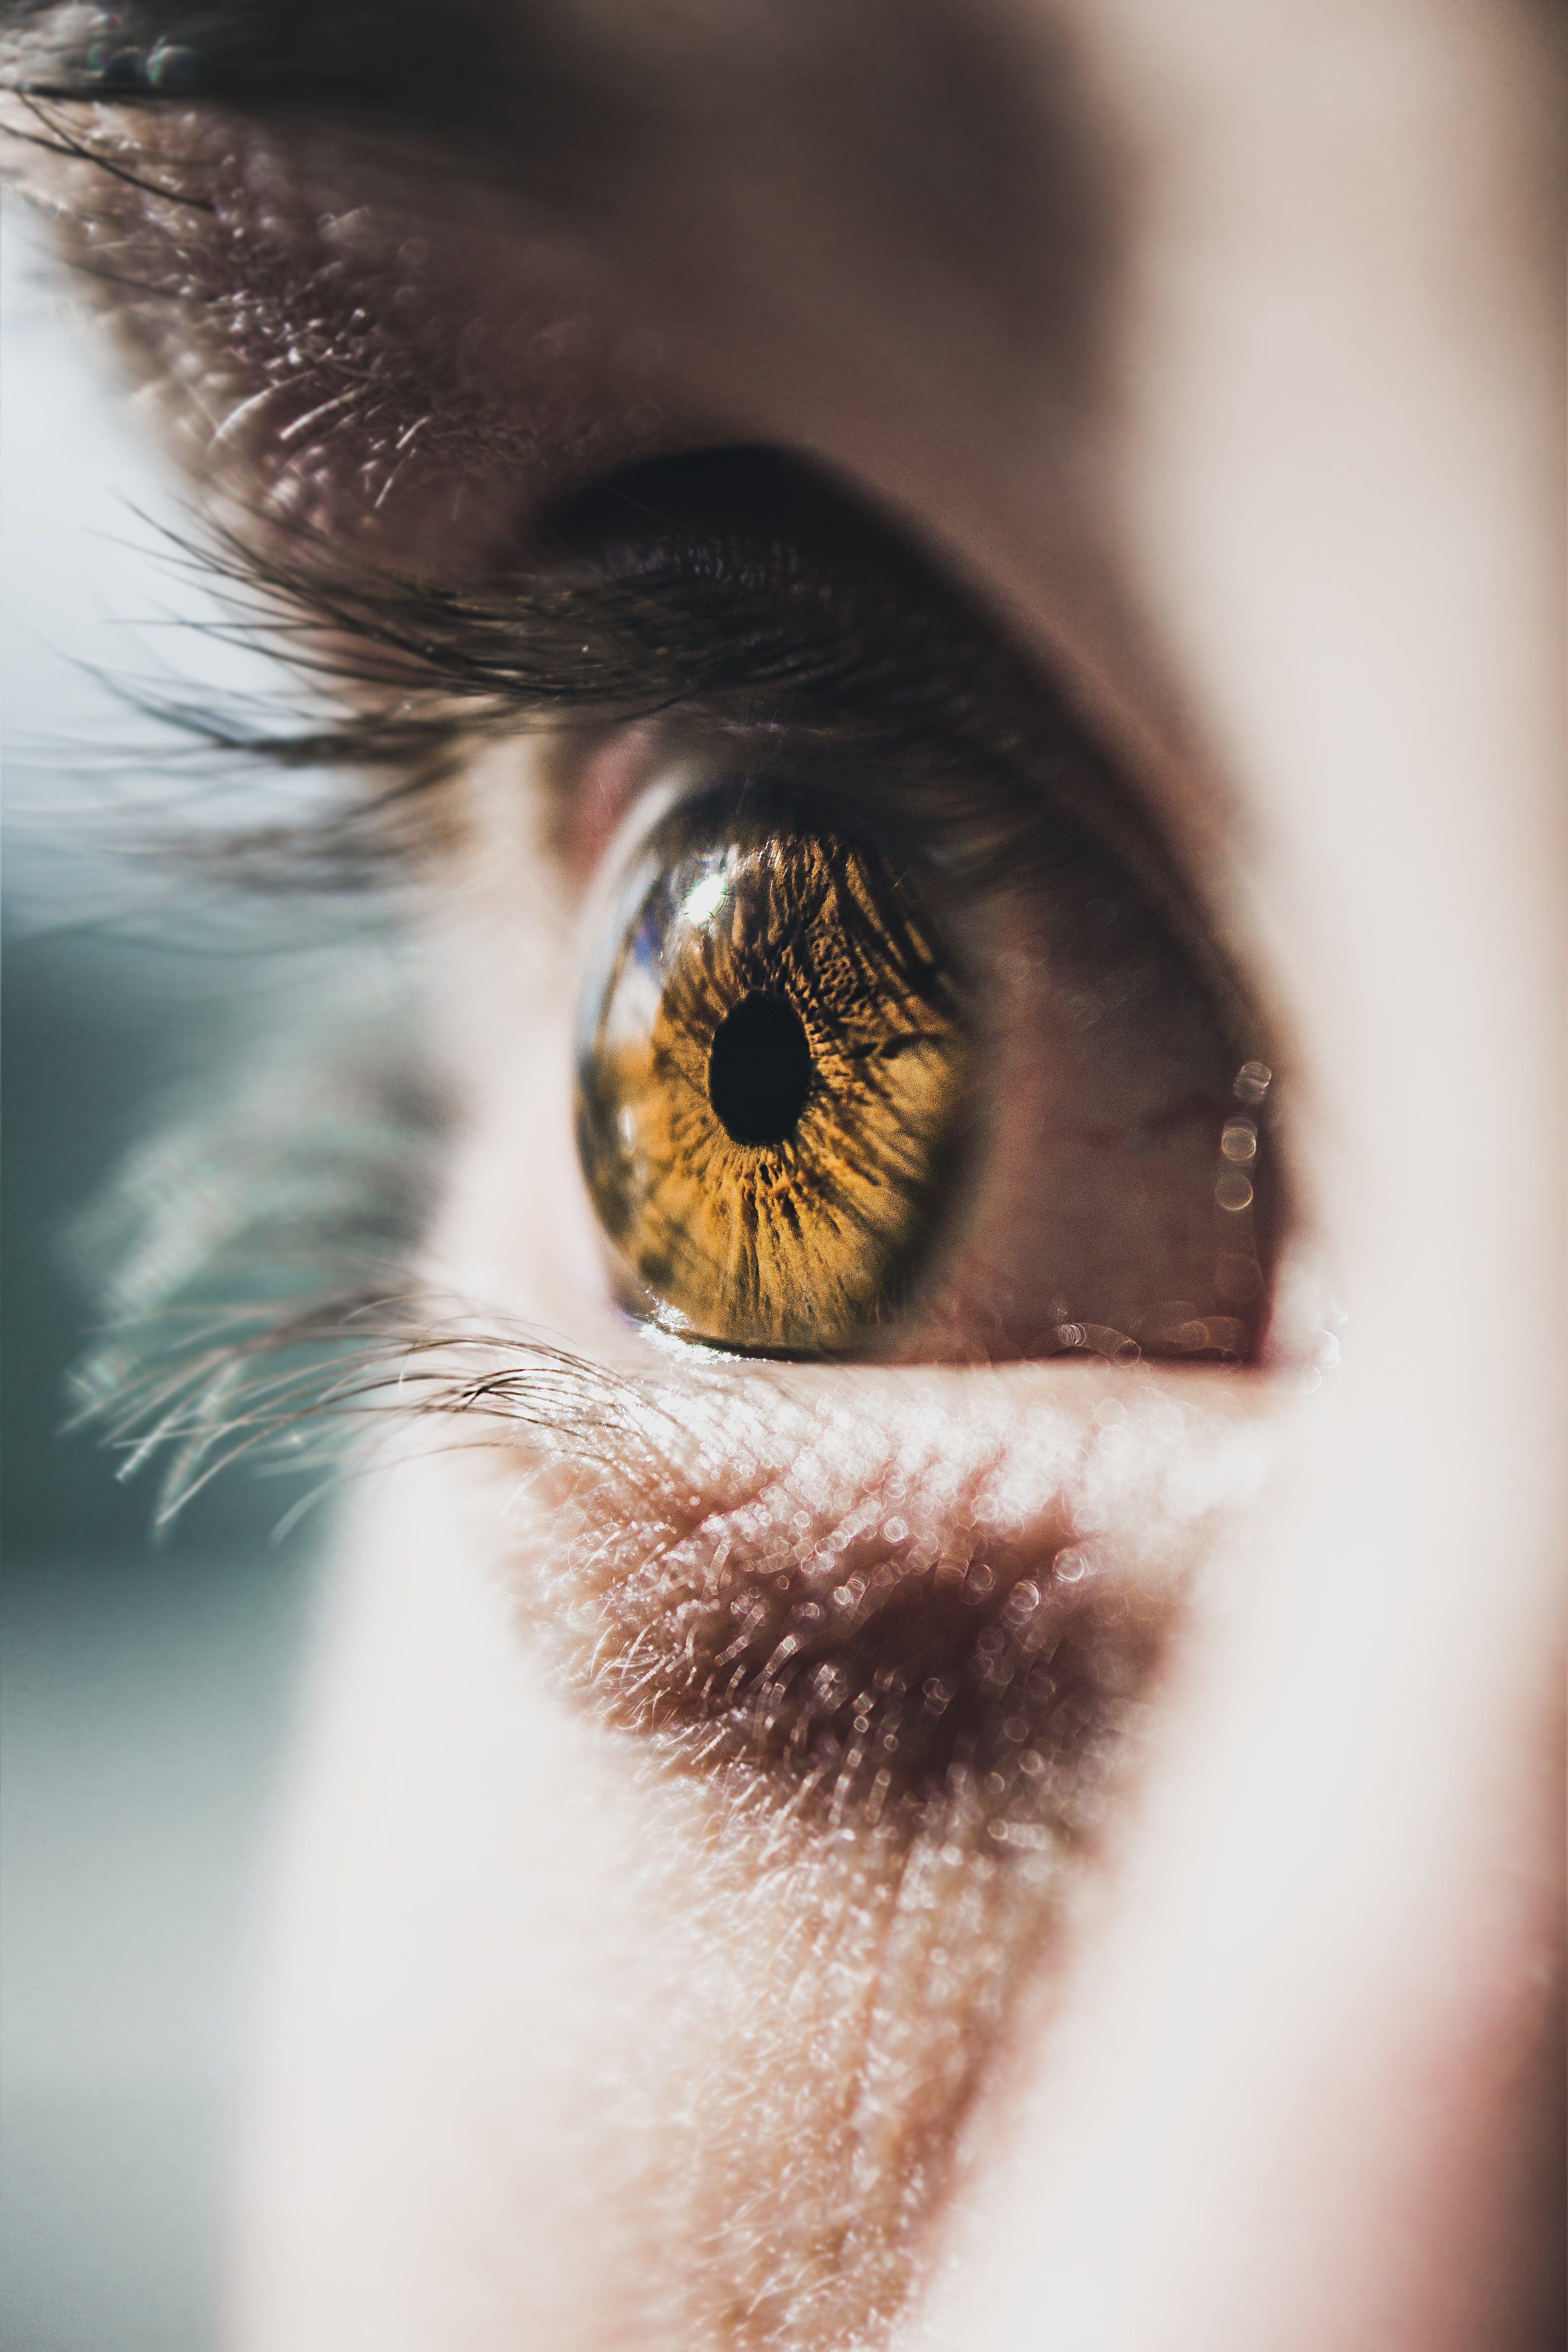 Immagine gratuita di allievo, bulbo oculare, ciglia, concentrarsi